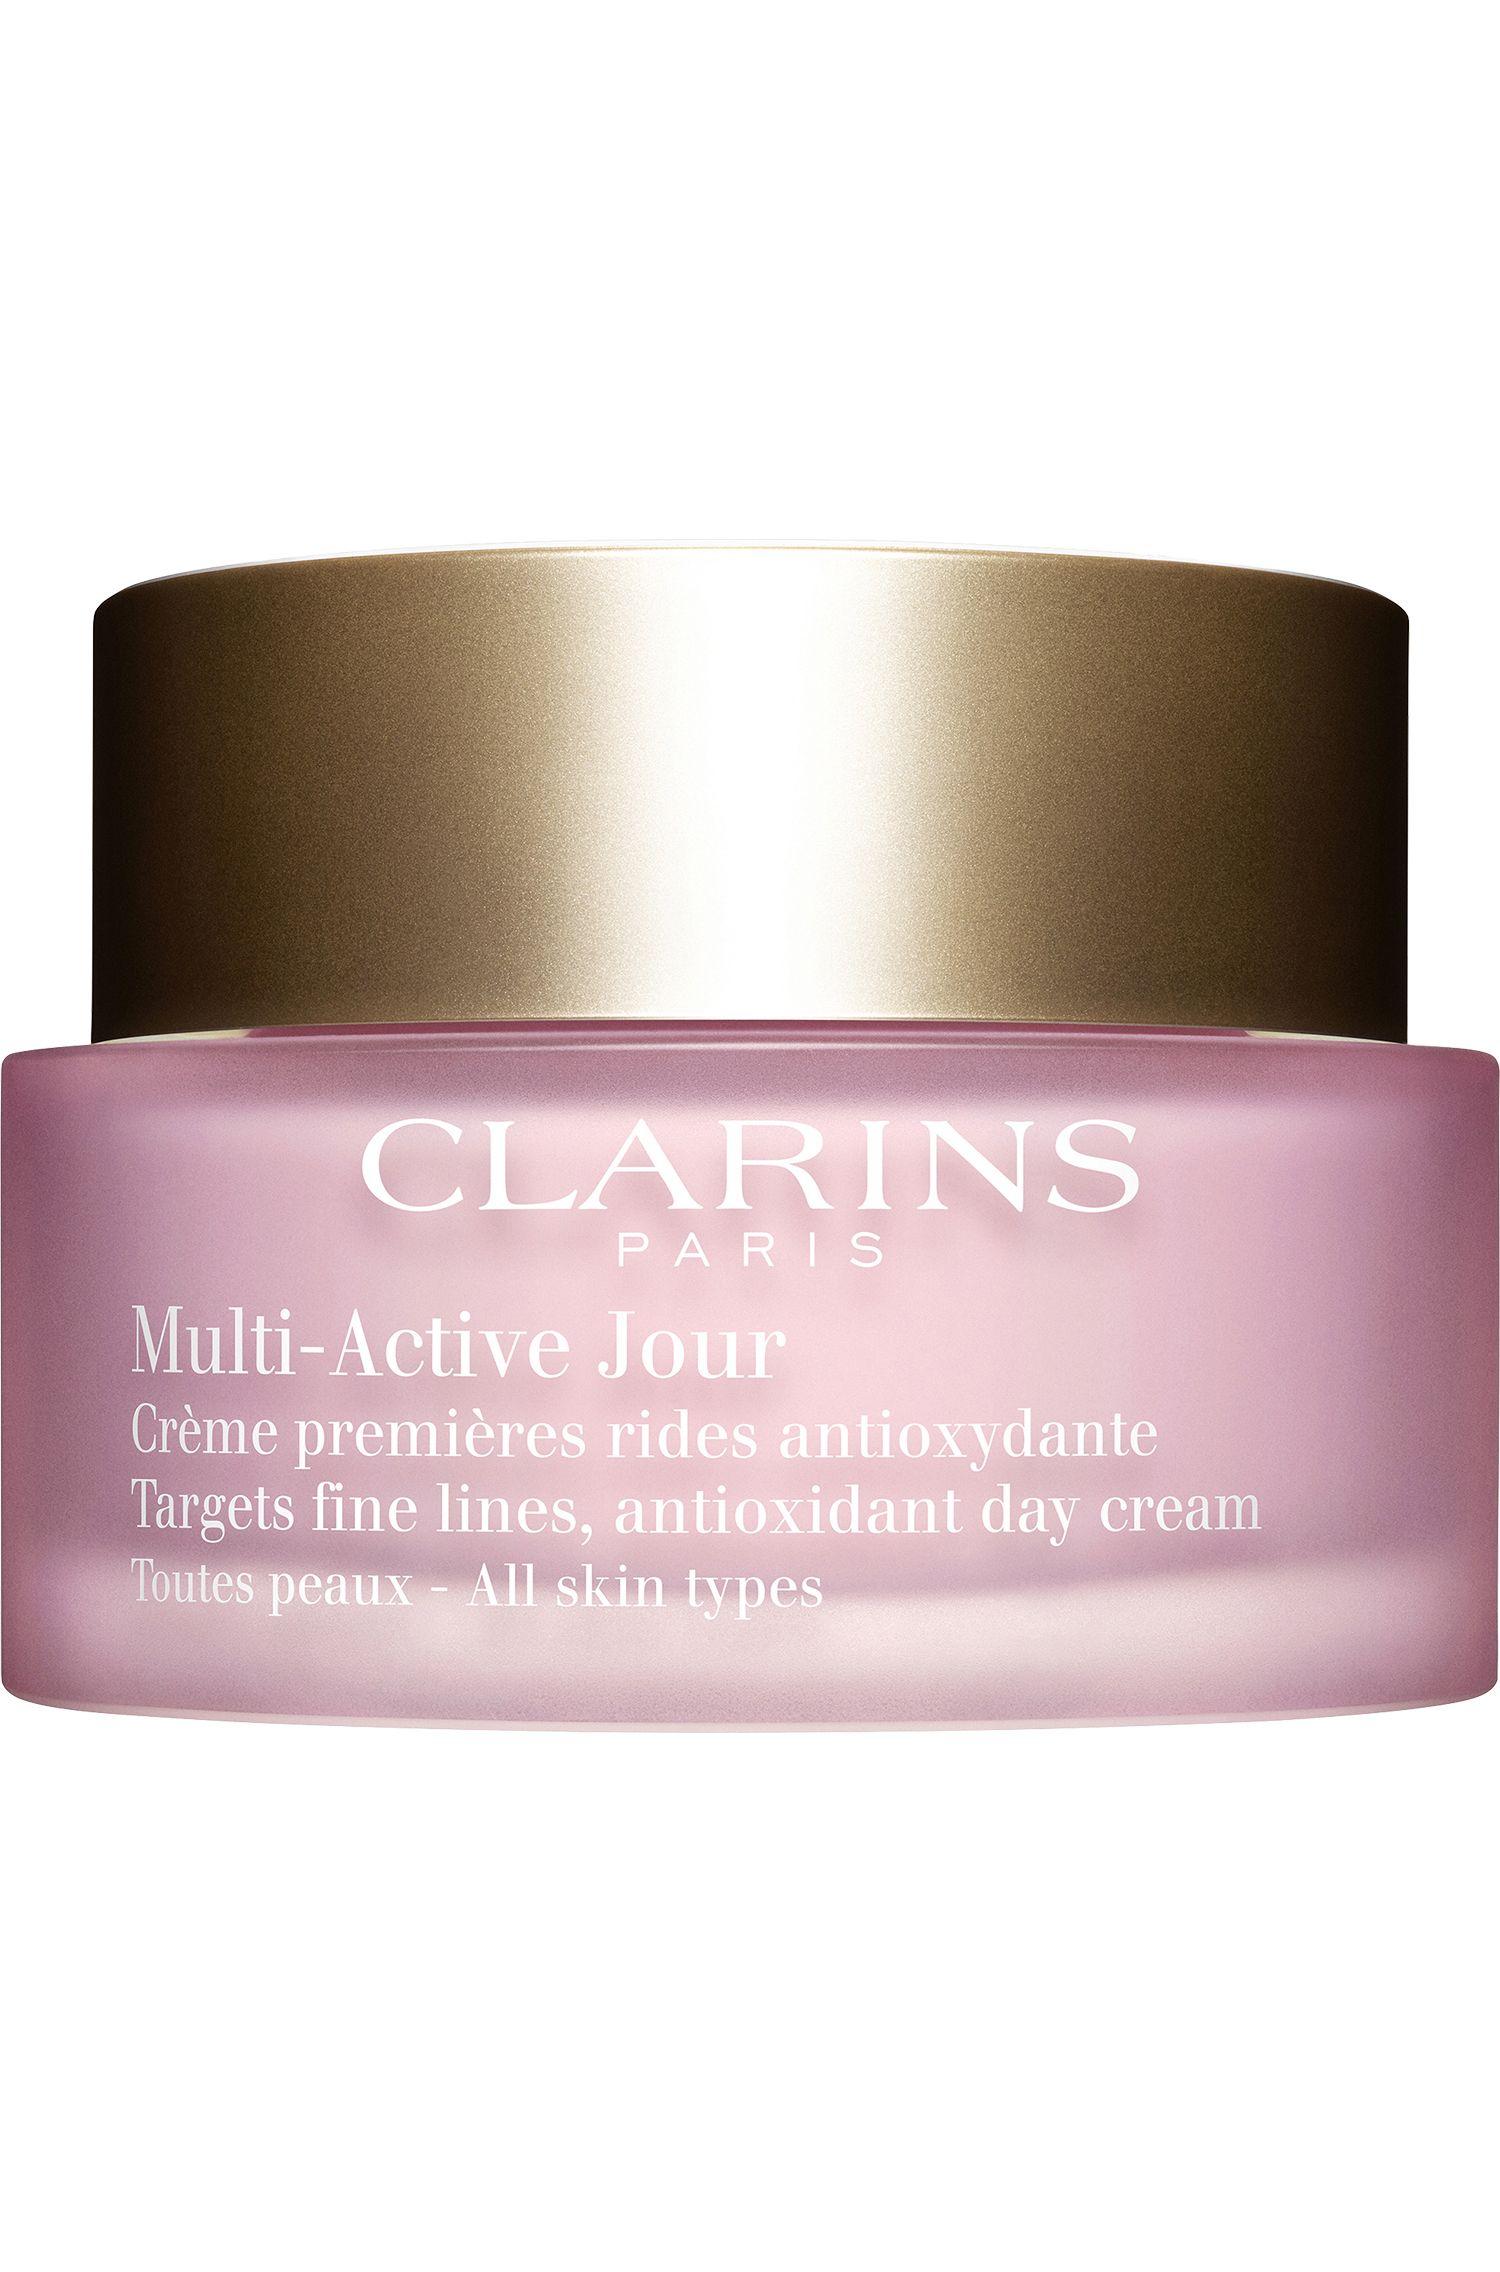 Blissim : Clarins - Crème jour première rides anti-oxydante Multi-Active - Toutes Peaux